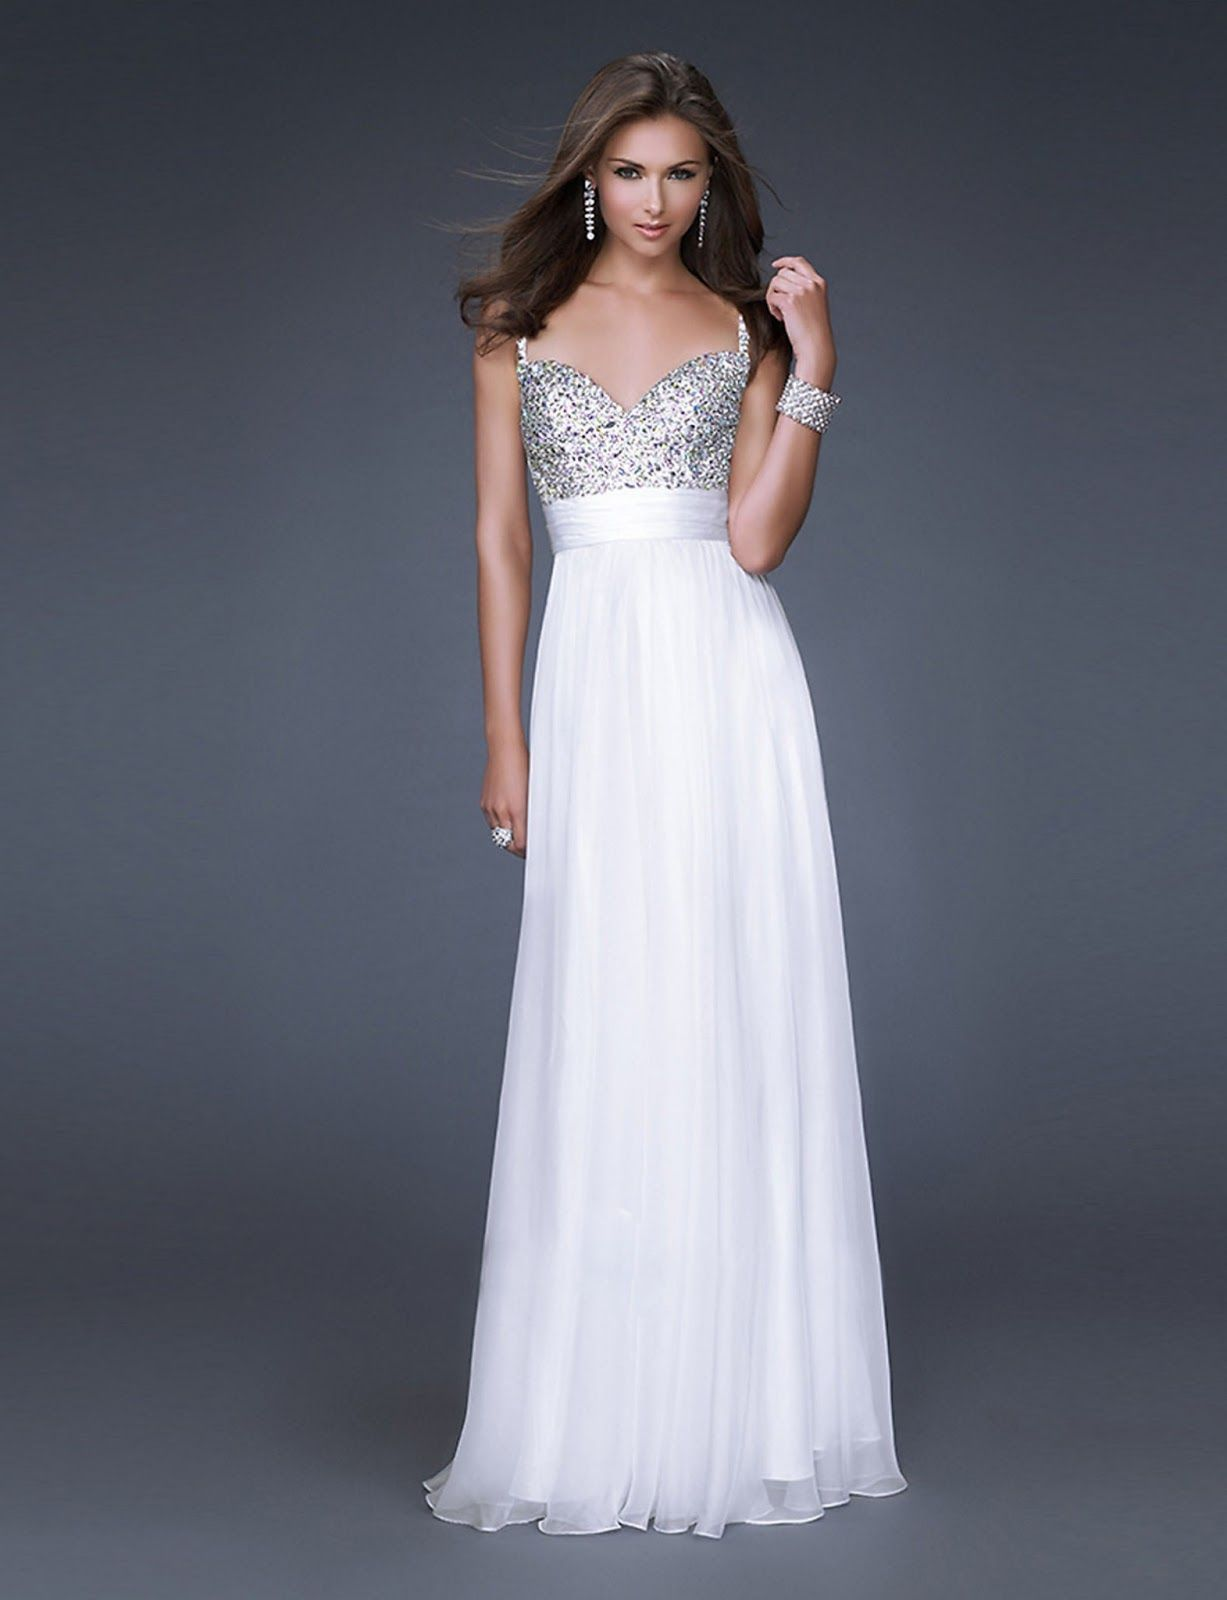 Elegant white wedding dresses fashion style pinterest long